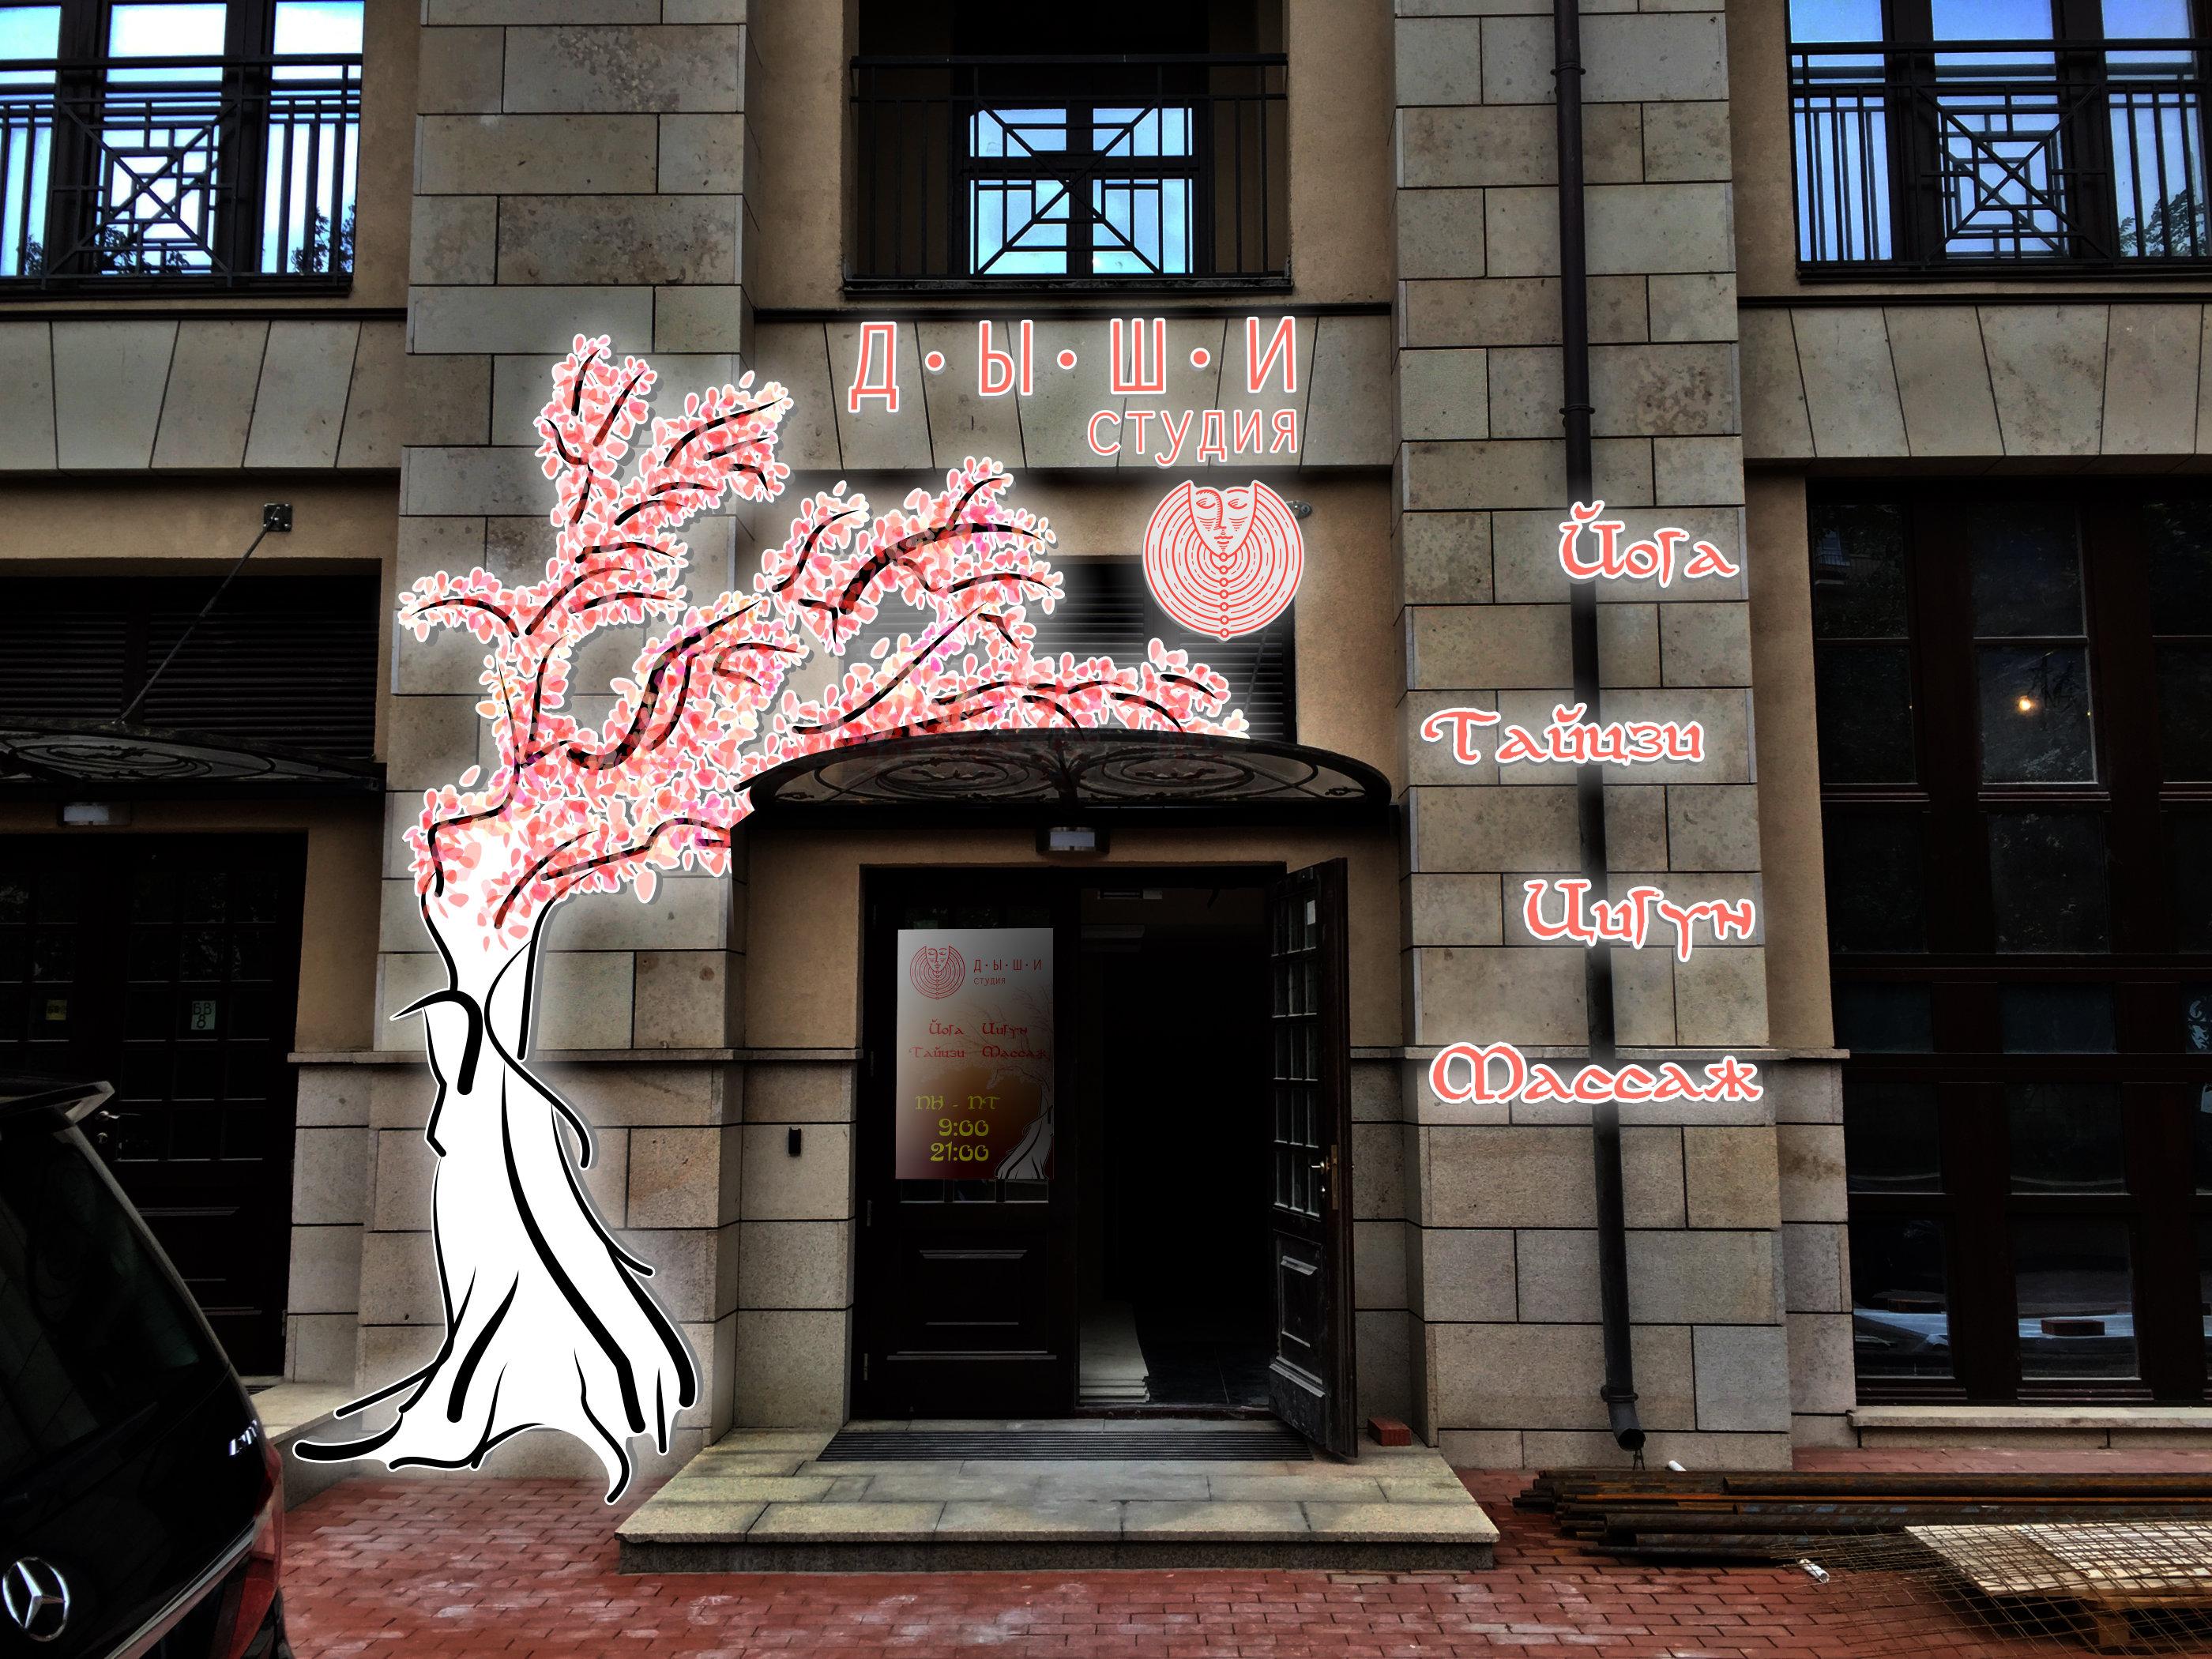 Креативное оформление входной группы для йога студии фото f_85058067402a56eb.jpg